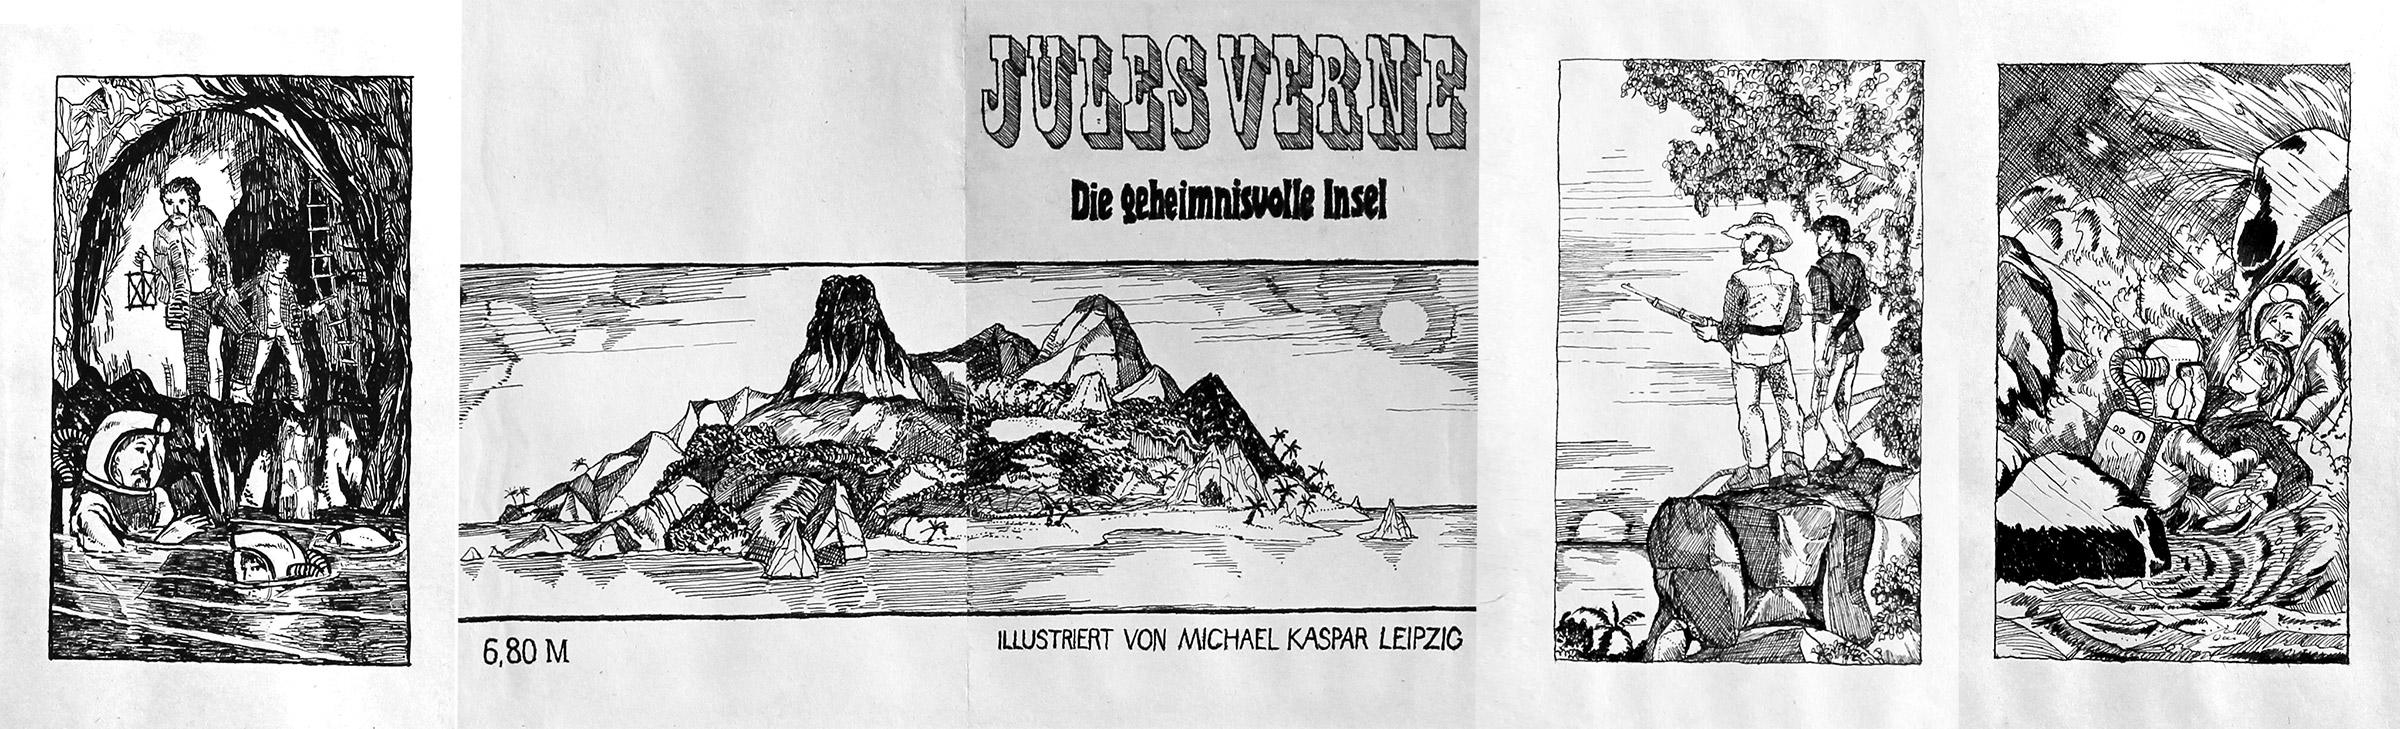 Illustrationen von 1980 von Michael Kaspar (14. Jahre)